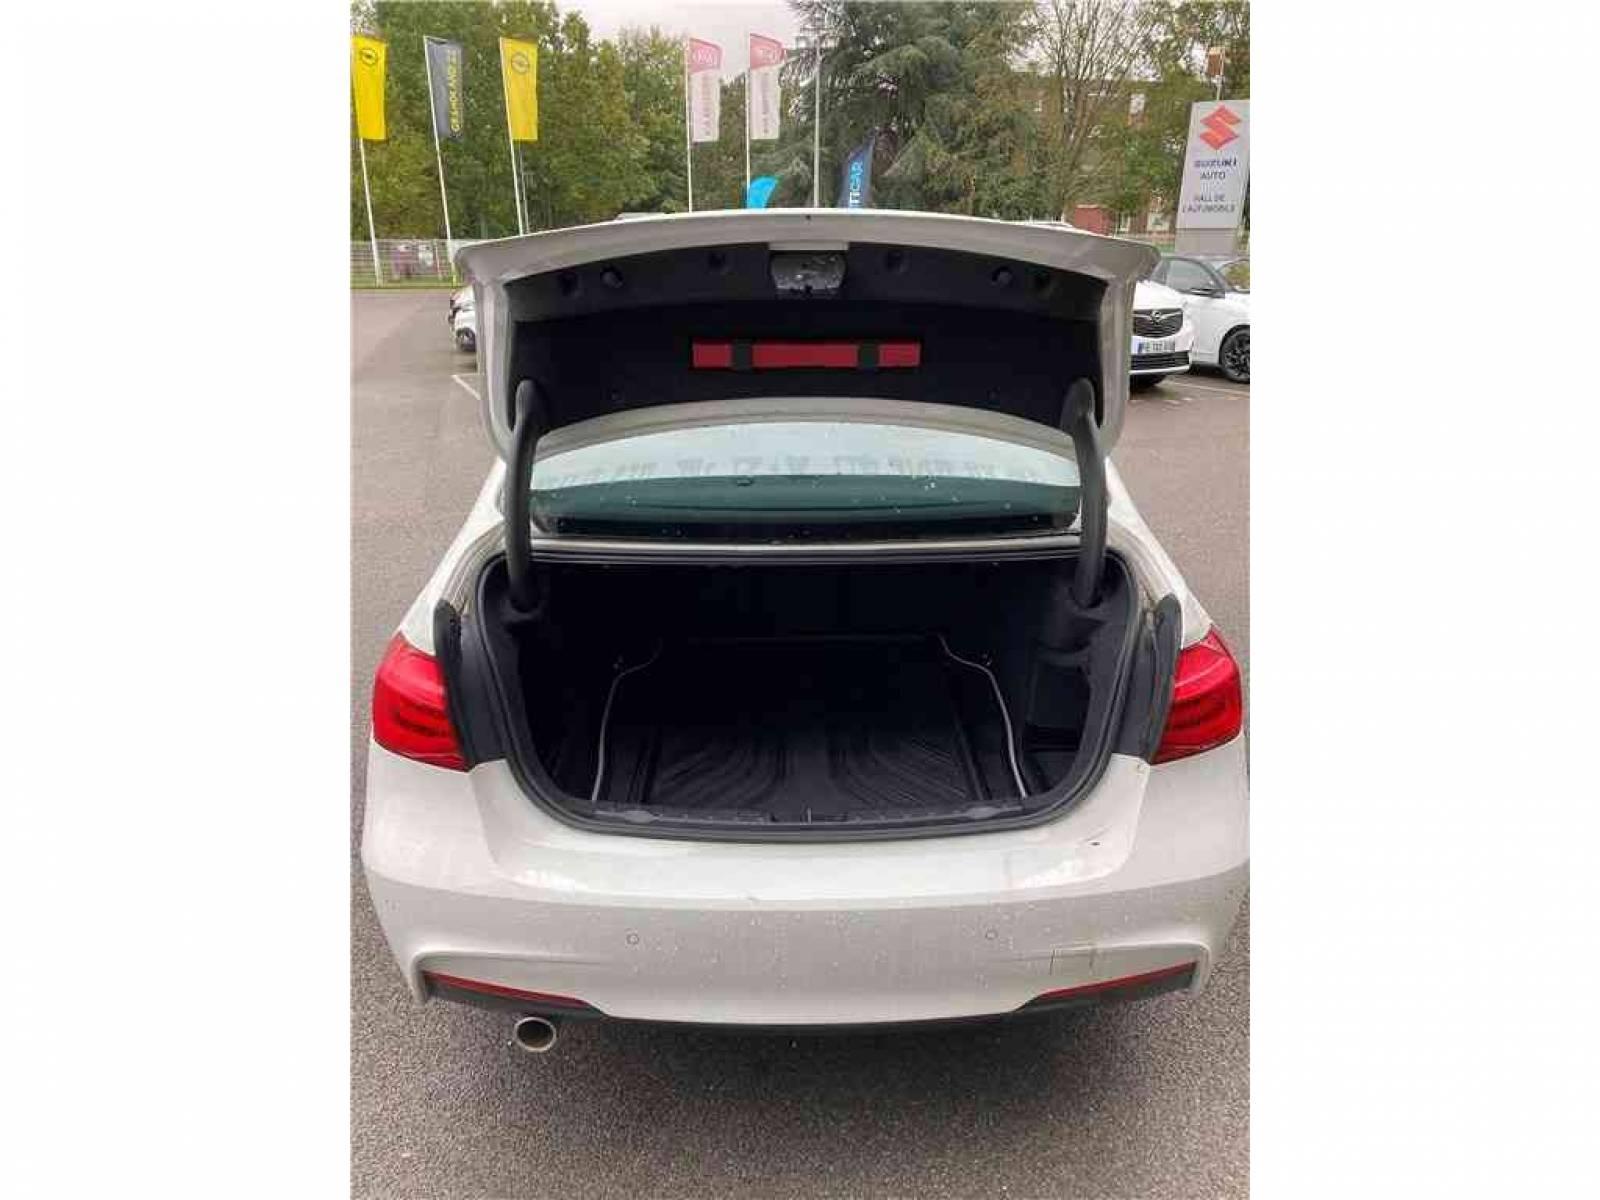 BMW 318d 150 ch BVA8 - véhicule d'occasion - Groupe Guillet - Chalon Automobiles - 71100 - Chalon-sur-Saône - 17